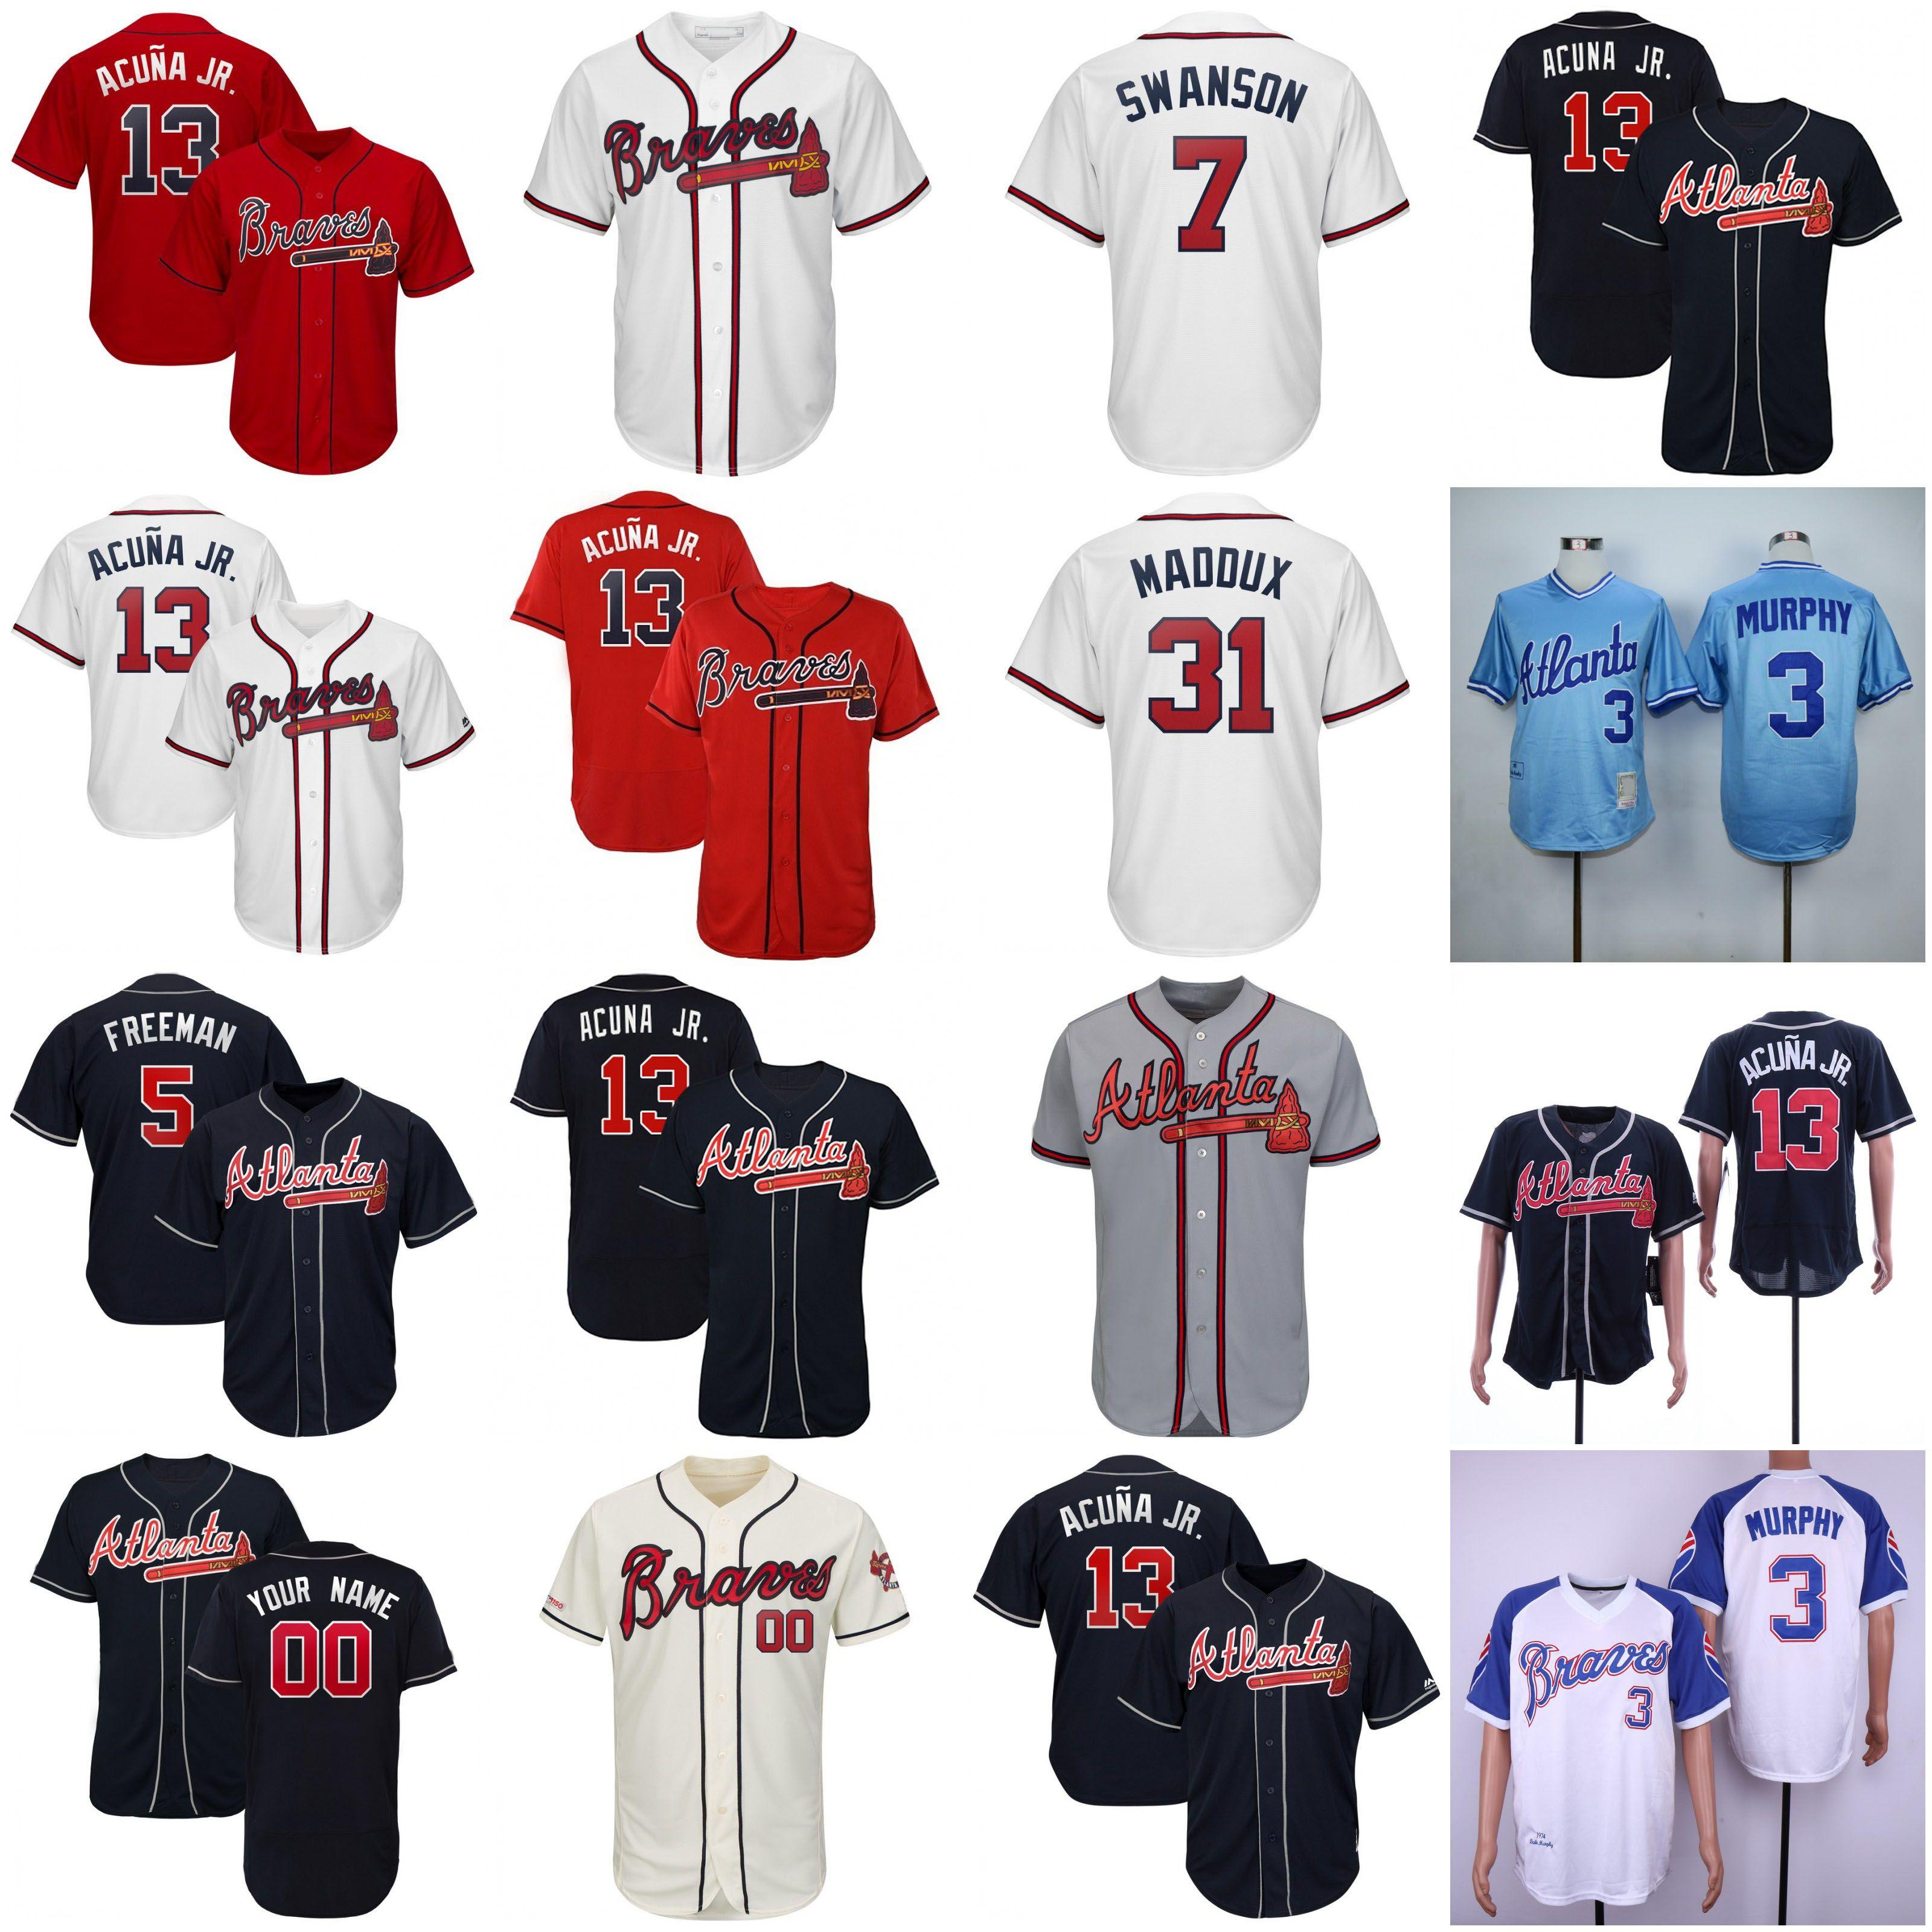 wholesale dealer 0f69d eaf29 2019 Braves Ronald Acuna Jr. Jr Jersey Atlanta Austin Riley ...